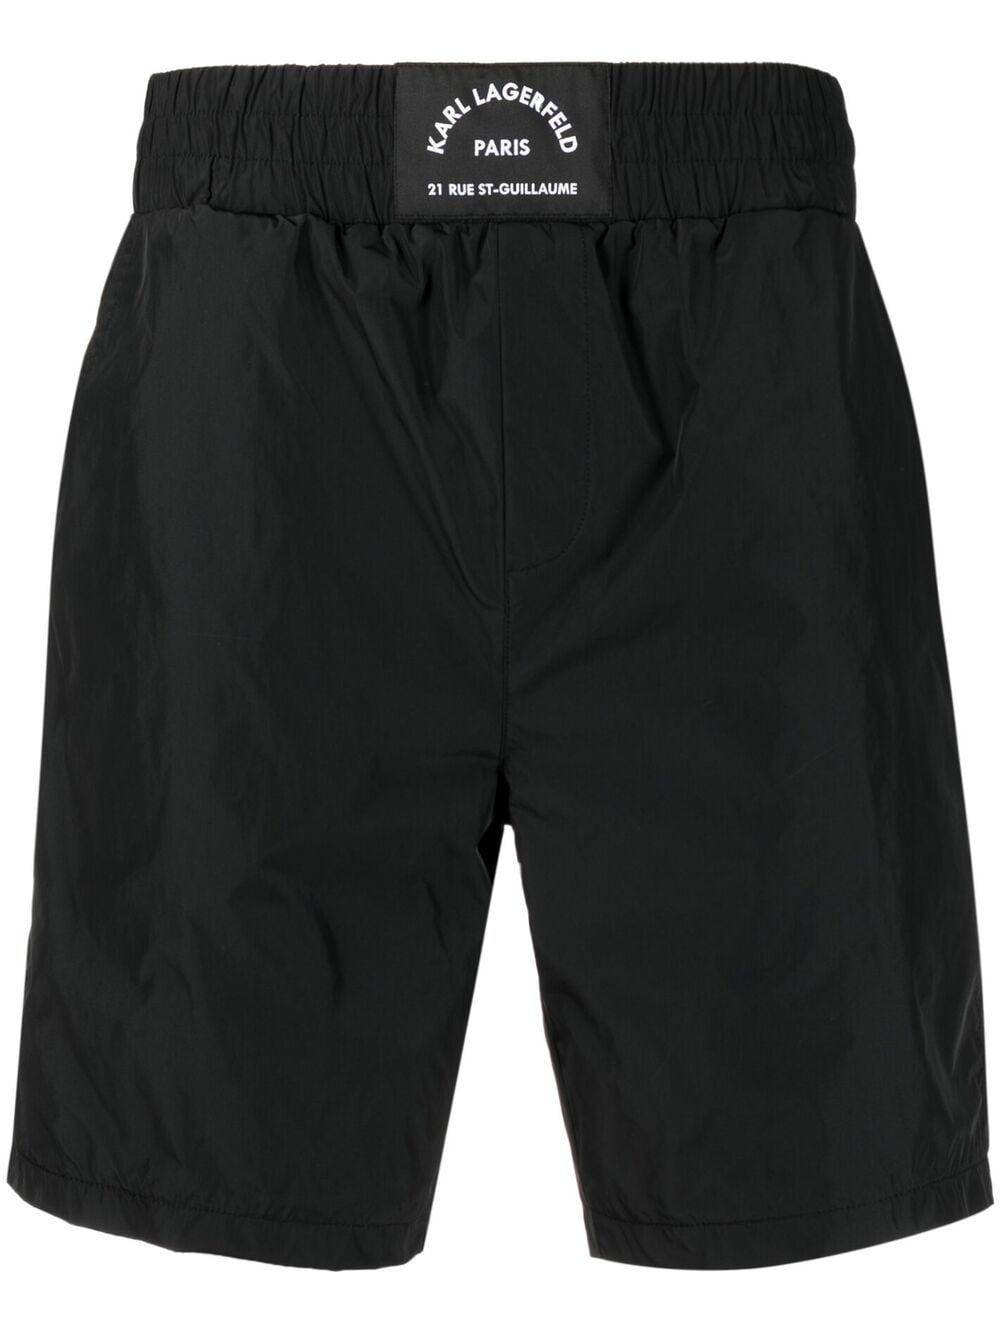 Karl Lagerfeld shell shorts - Schwarz